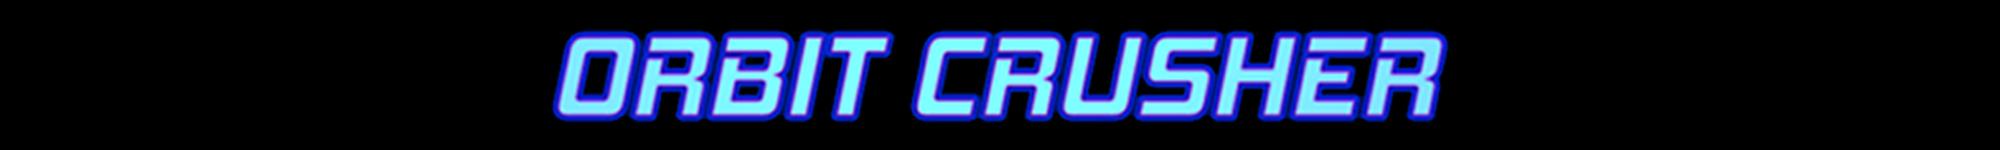 ORBIT CRUSHER